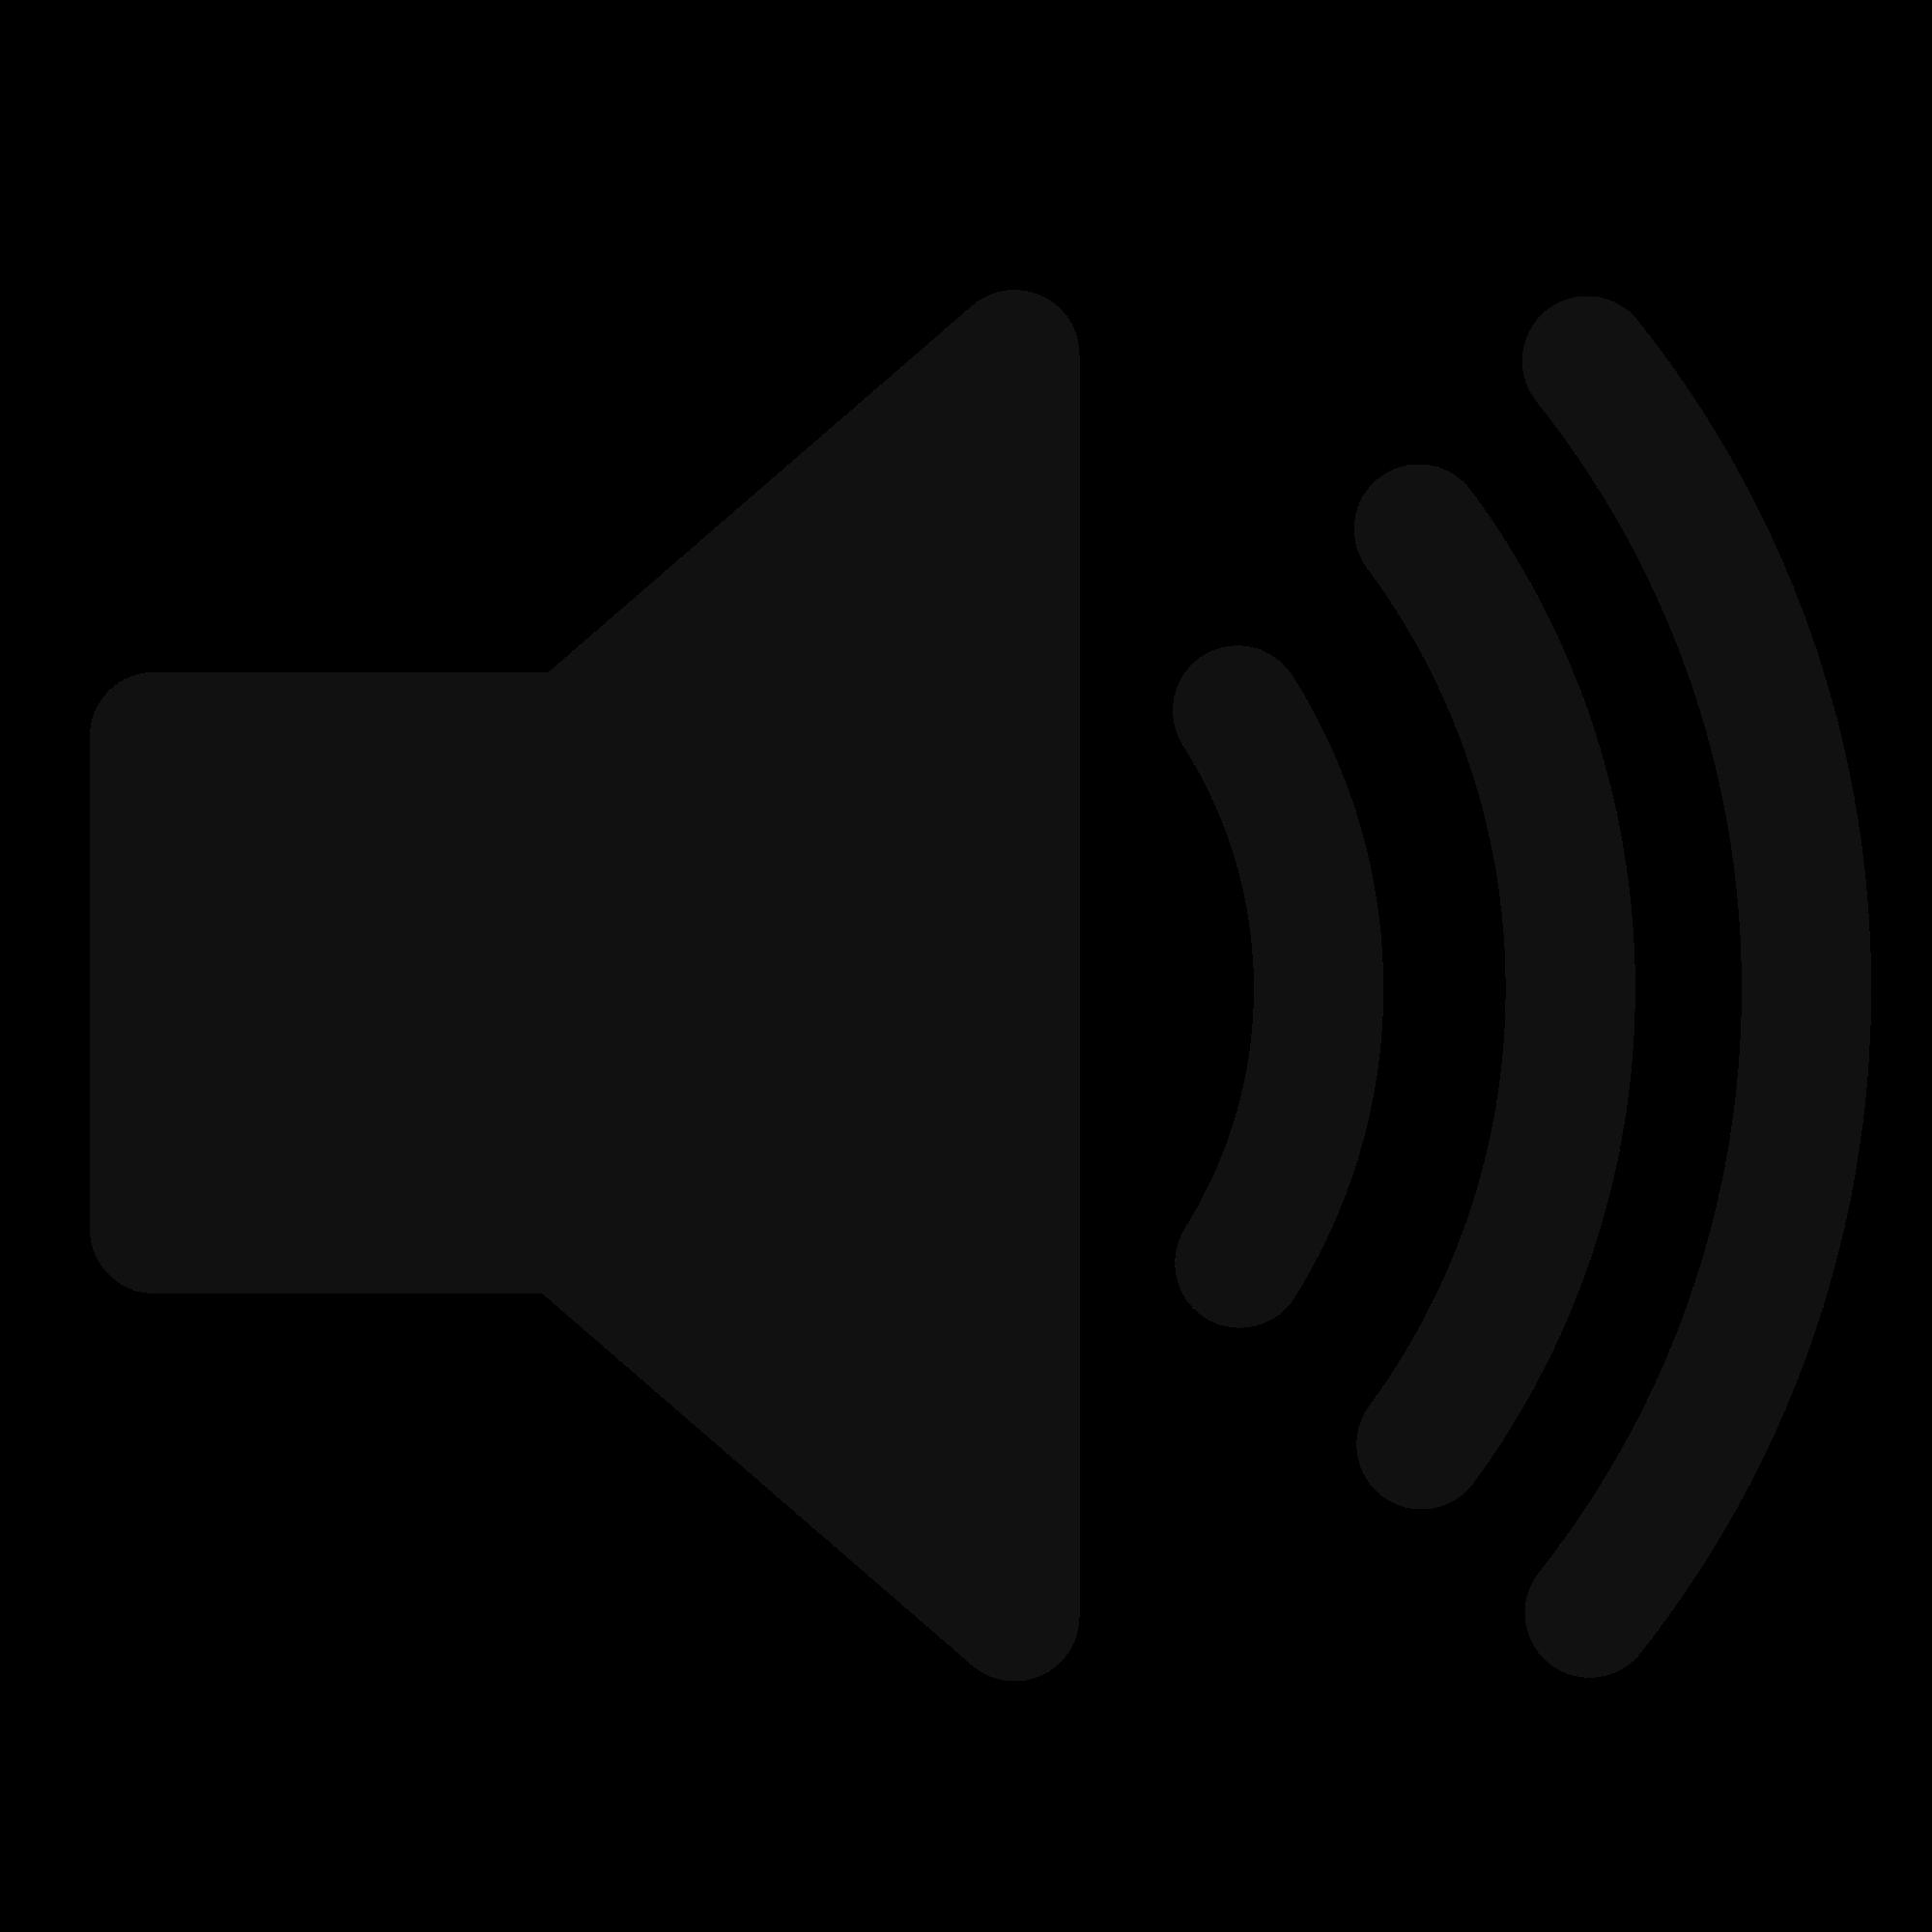 Transparent Speaker Icon #319666.